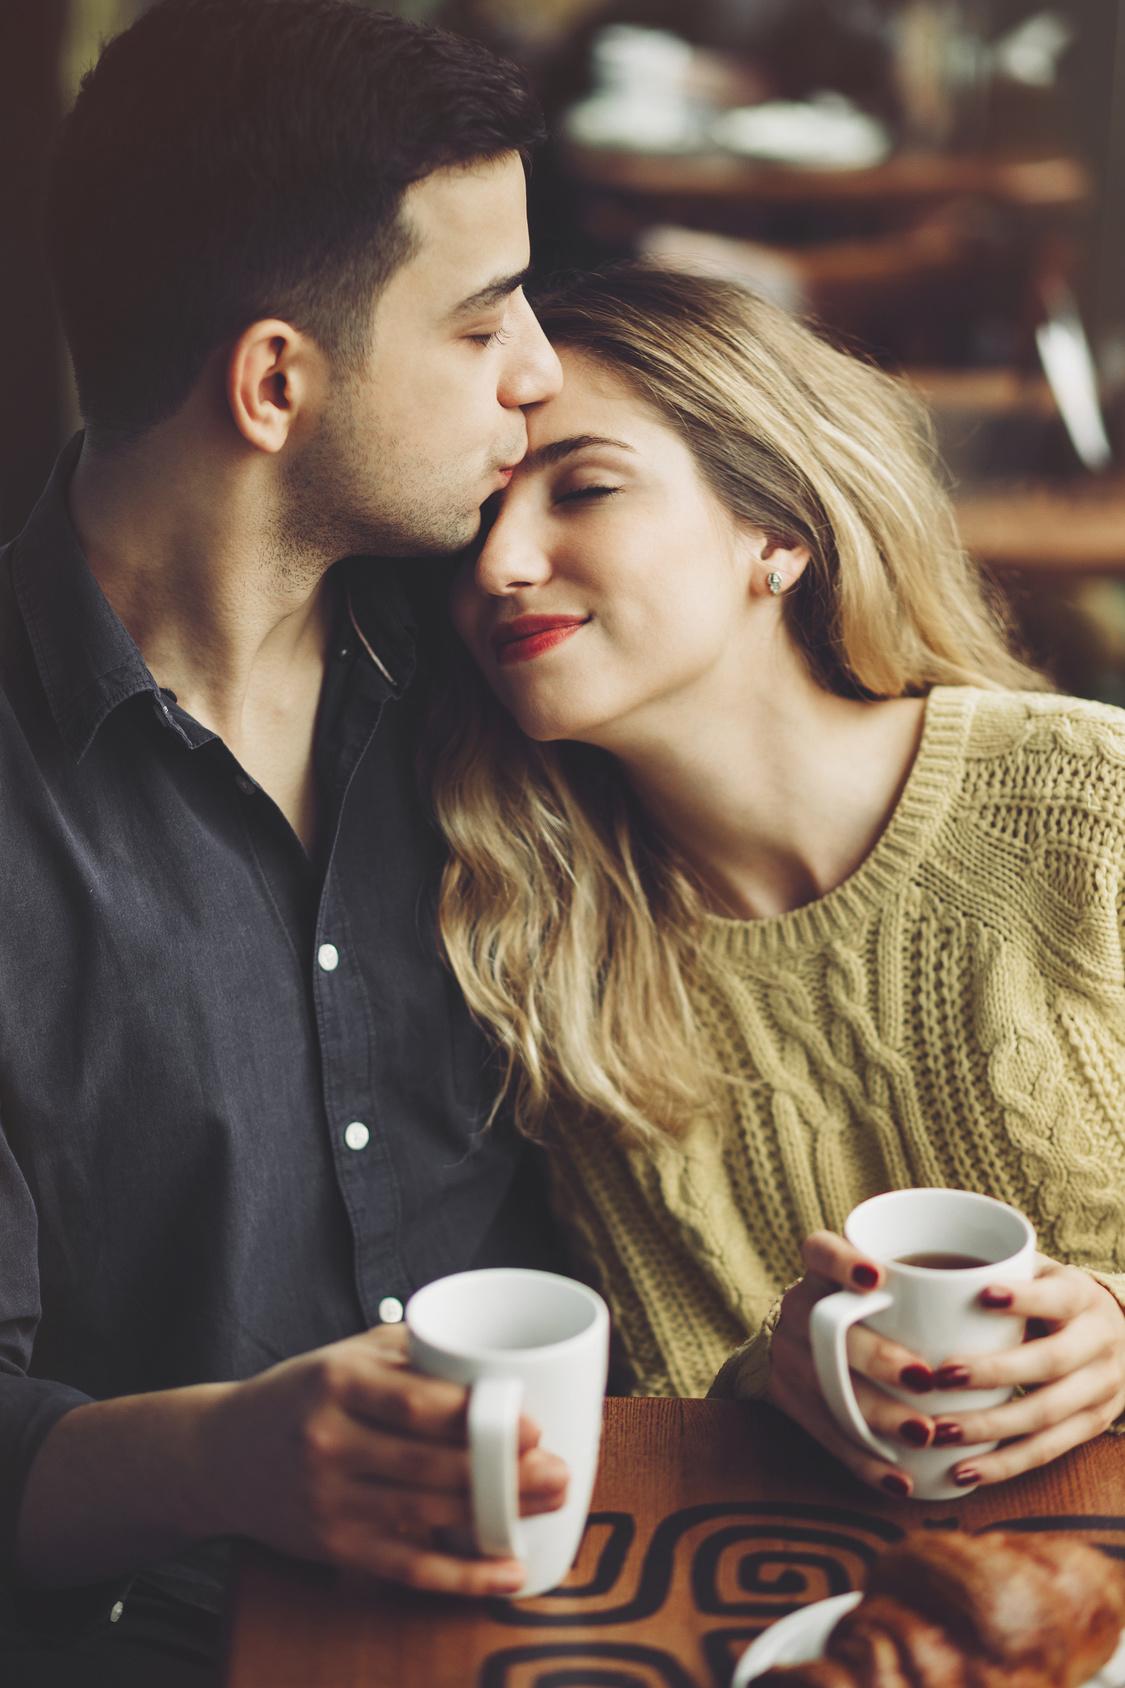 Chico besando la frente de su novia